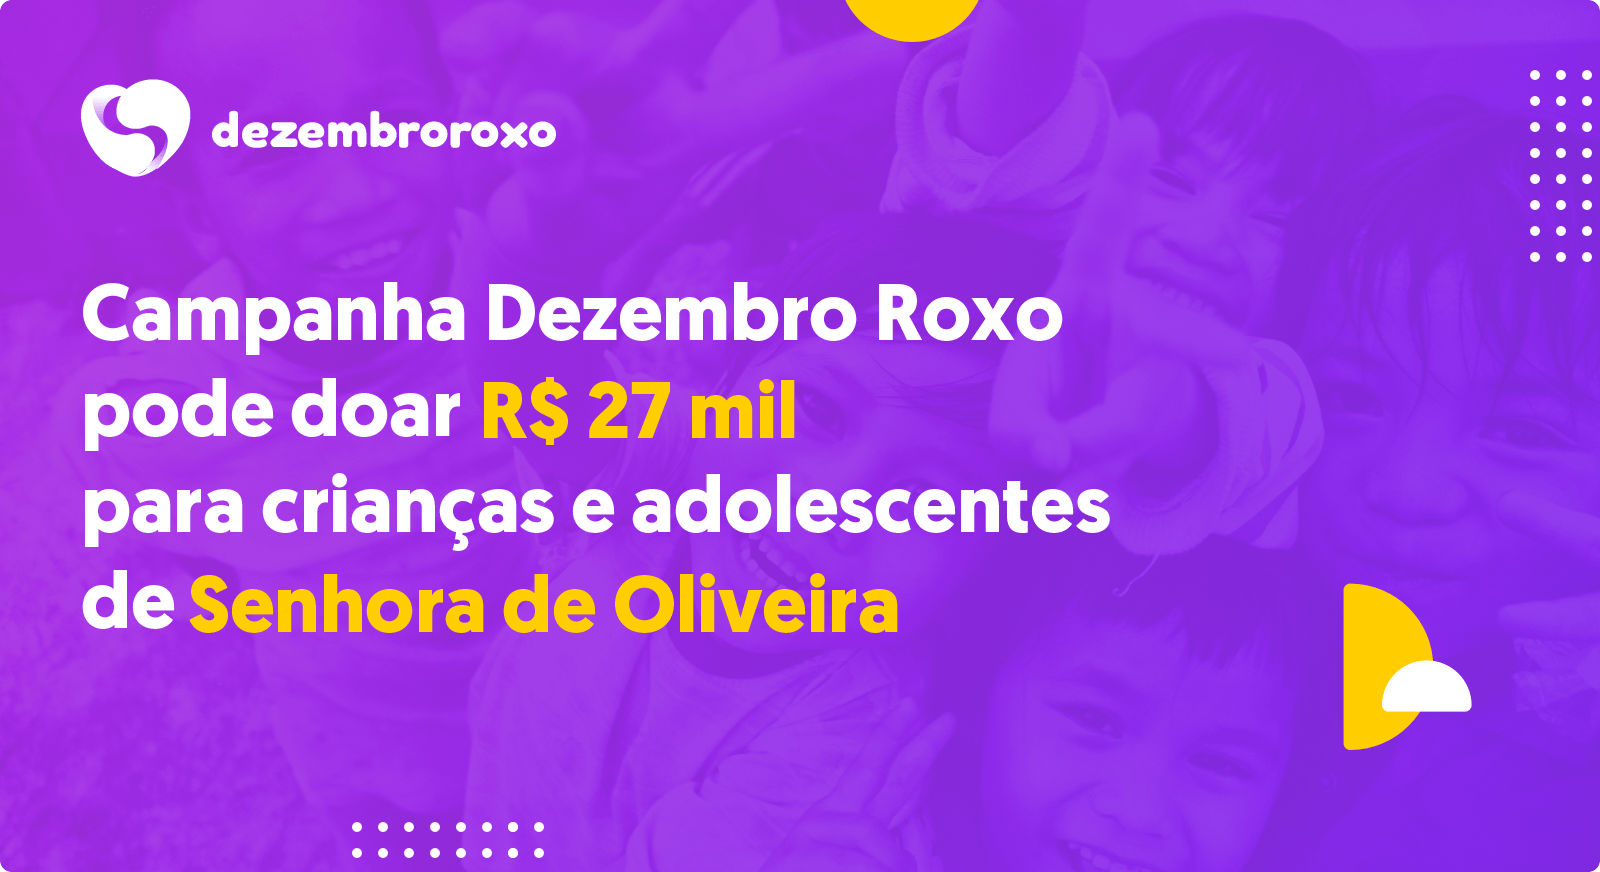 Doações em Senhora de Oliveira - MG